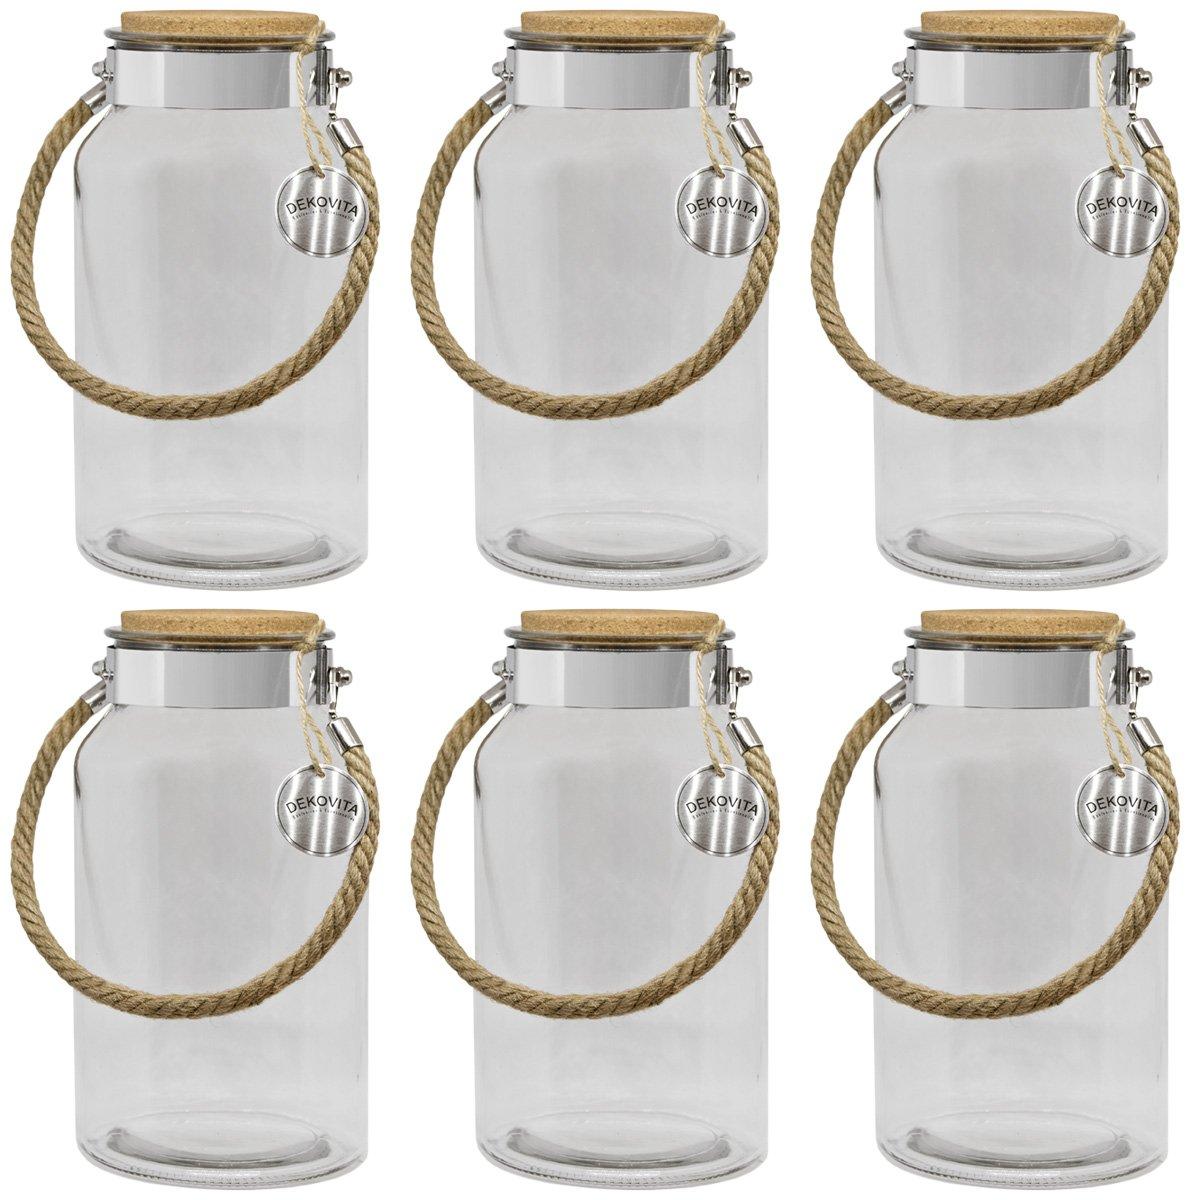 Dekovita vaso portaoggetti 5l: A:30/D:16/A: 10, 6cm lanterna da giardino vasetto in vetro vetro decorativo lanterna vaso